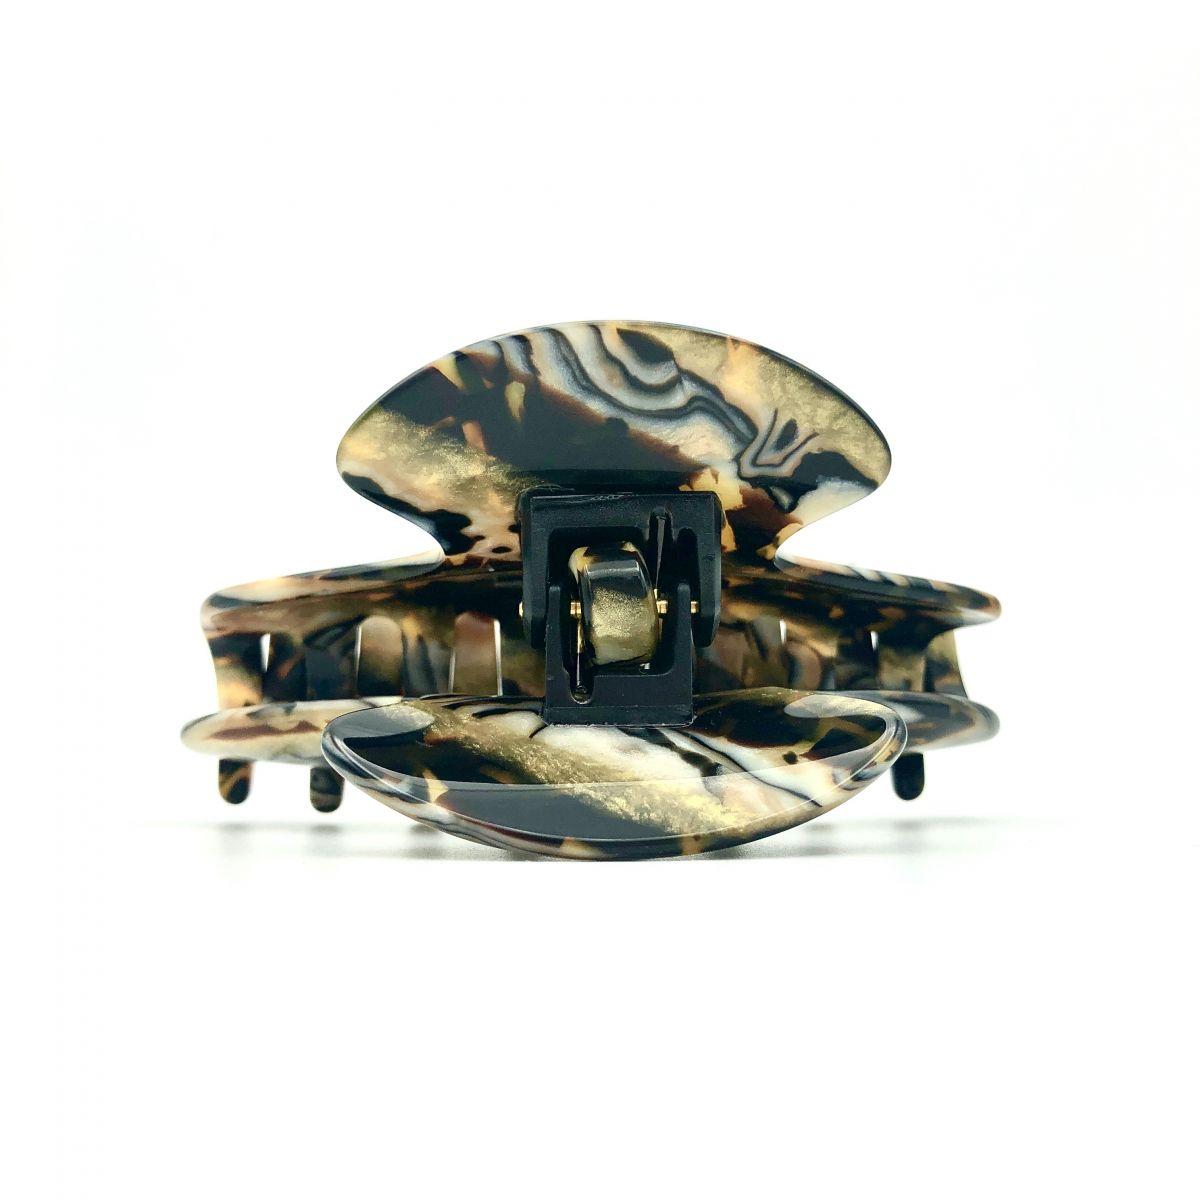 Haarklammer gold/schwarz - mittel - 9 cm